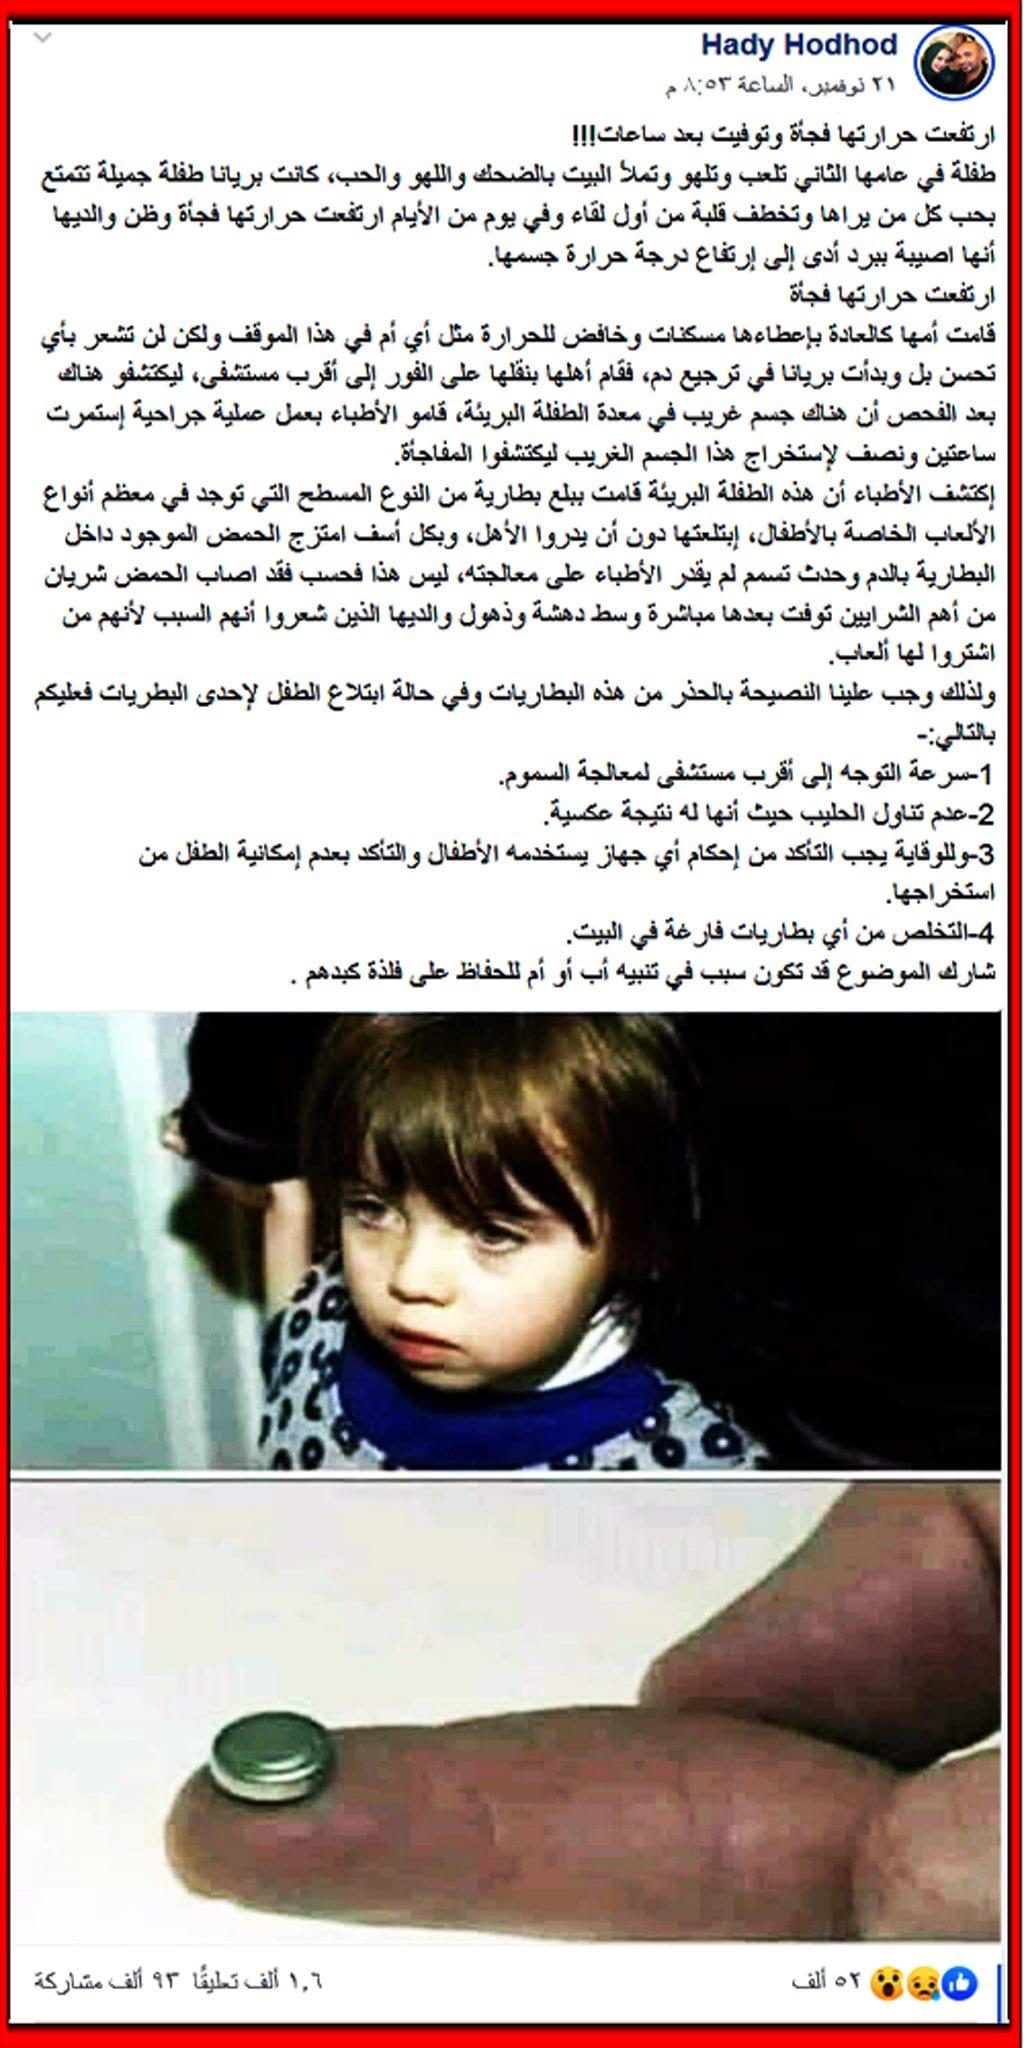 خبر وفاة طفل بسبب ابتلاع بطارية